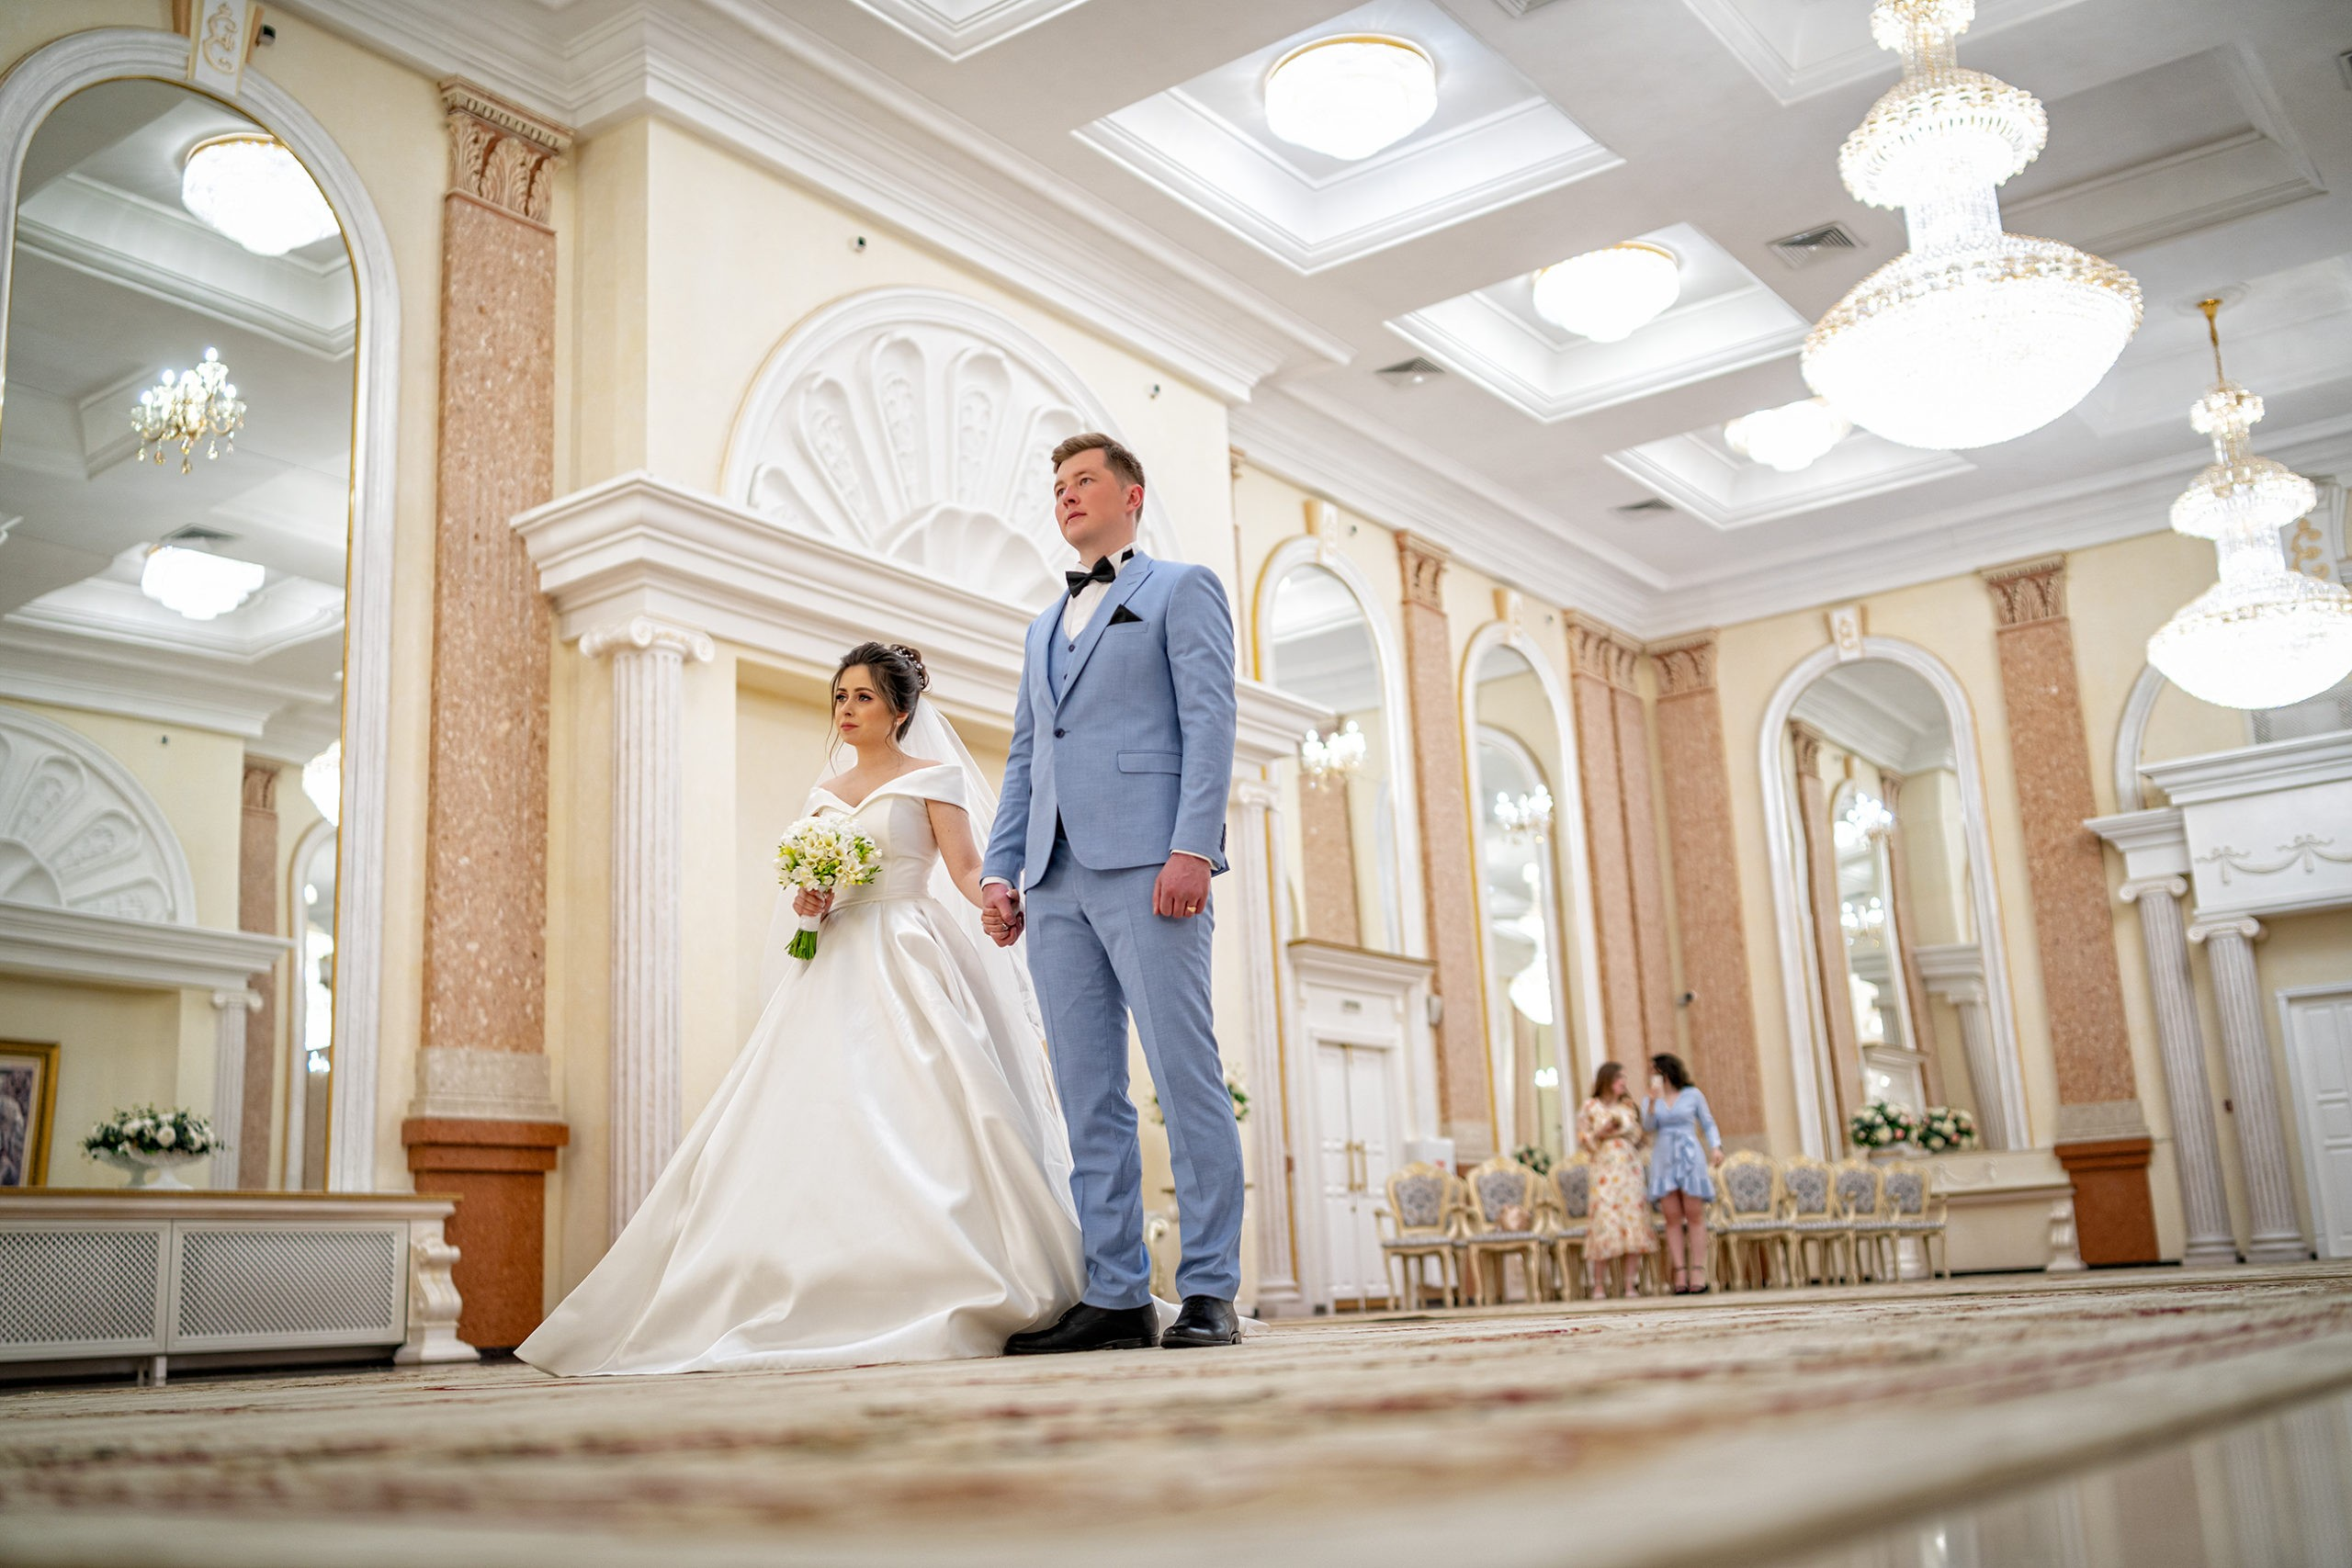 Cвадебная фотосъемка в ЗАГСе Екатерининский Зал Краснодар большой зал от свадебного фотографа